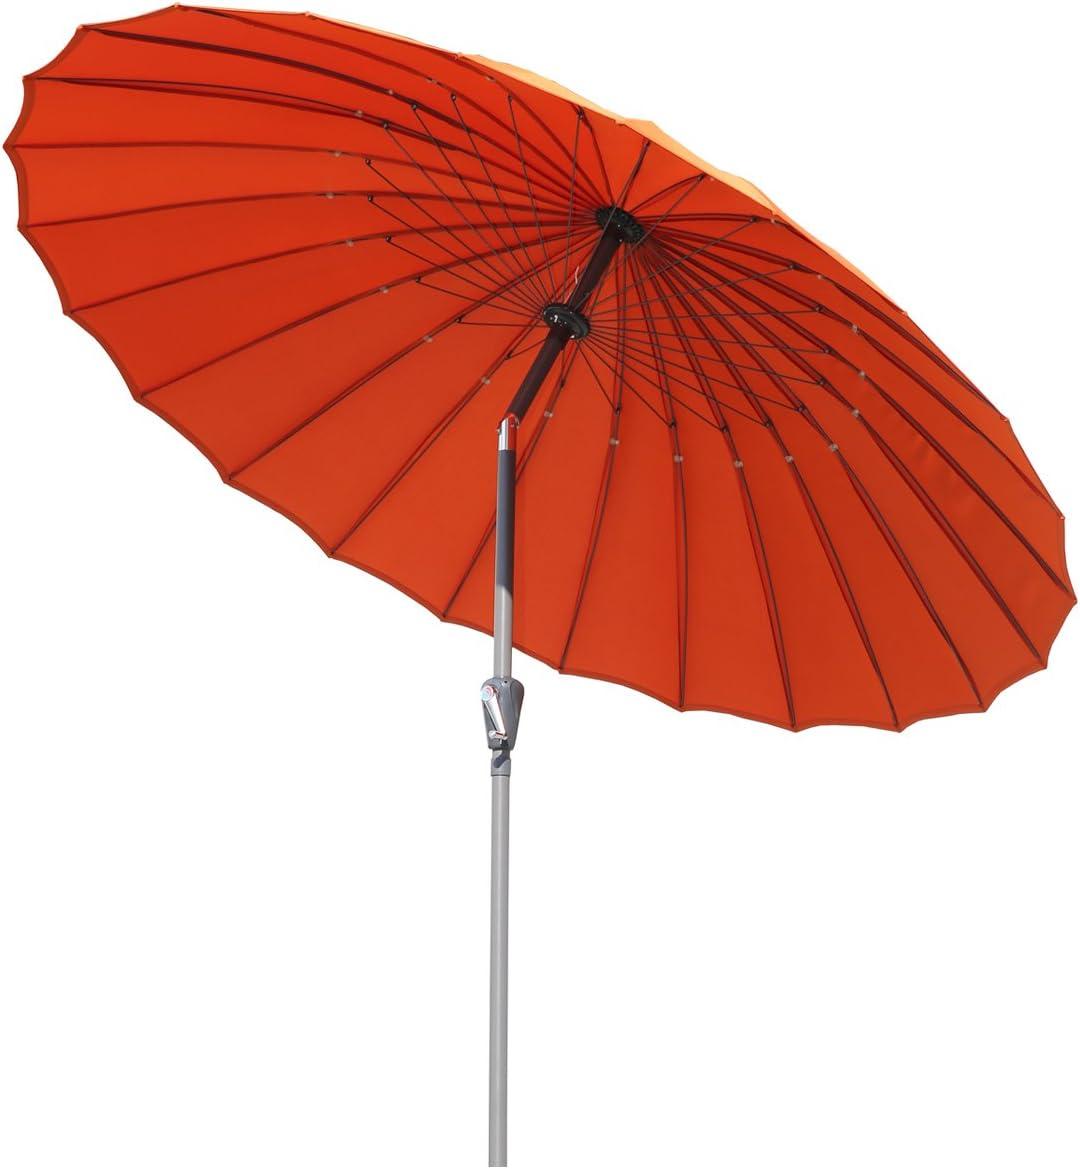 Angel Living 250cm Parasol de Acero y Aluminio de Jardín con Manivela, Sombrilla Inclinada Muy Estado con Mástil de Diamentro de 38mm, para Jardín Patío Terraza (Terracota)